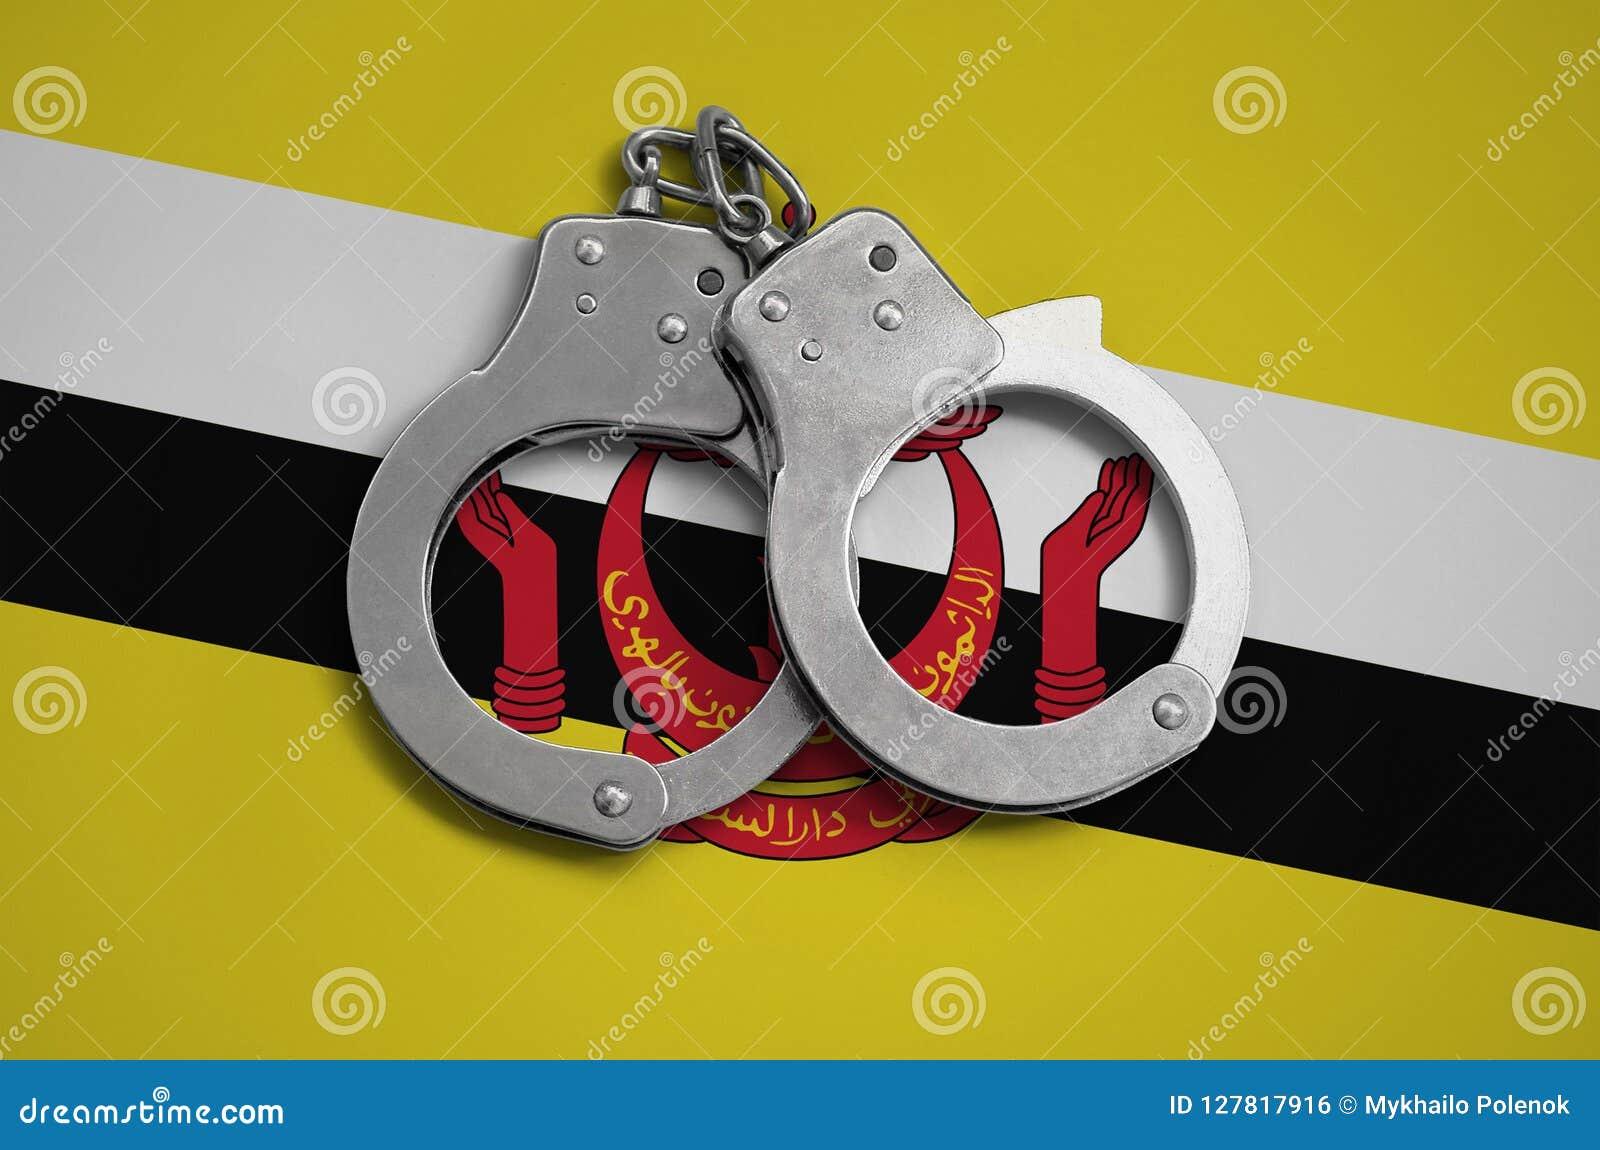 文莱达鲁萨兰旗子和警察手铐 法律在国家和保护的遵守的概念免受罪行